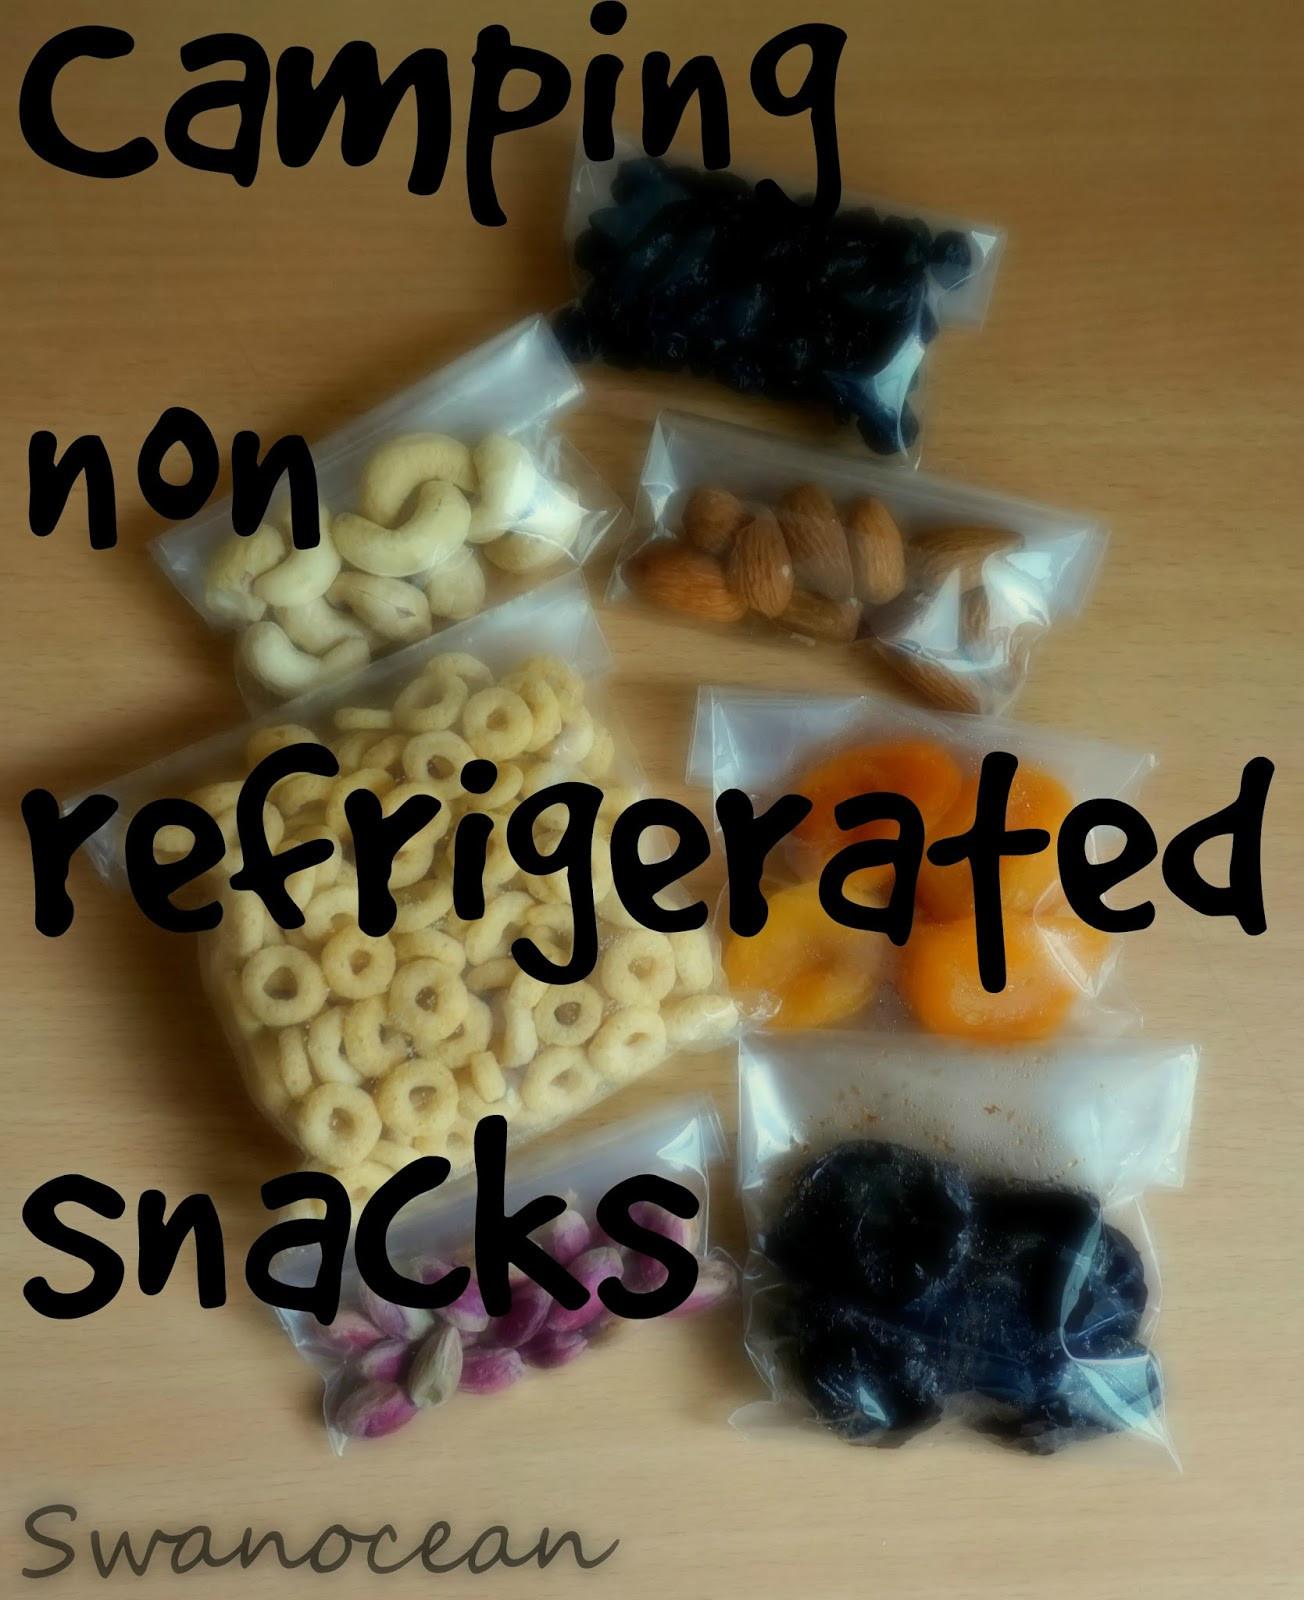 Healthy Non Refrigerated Snacks  Swanocean Camping non refrigerated snacks Σνακ